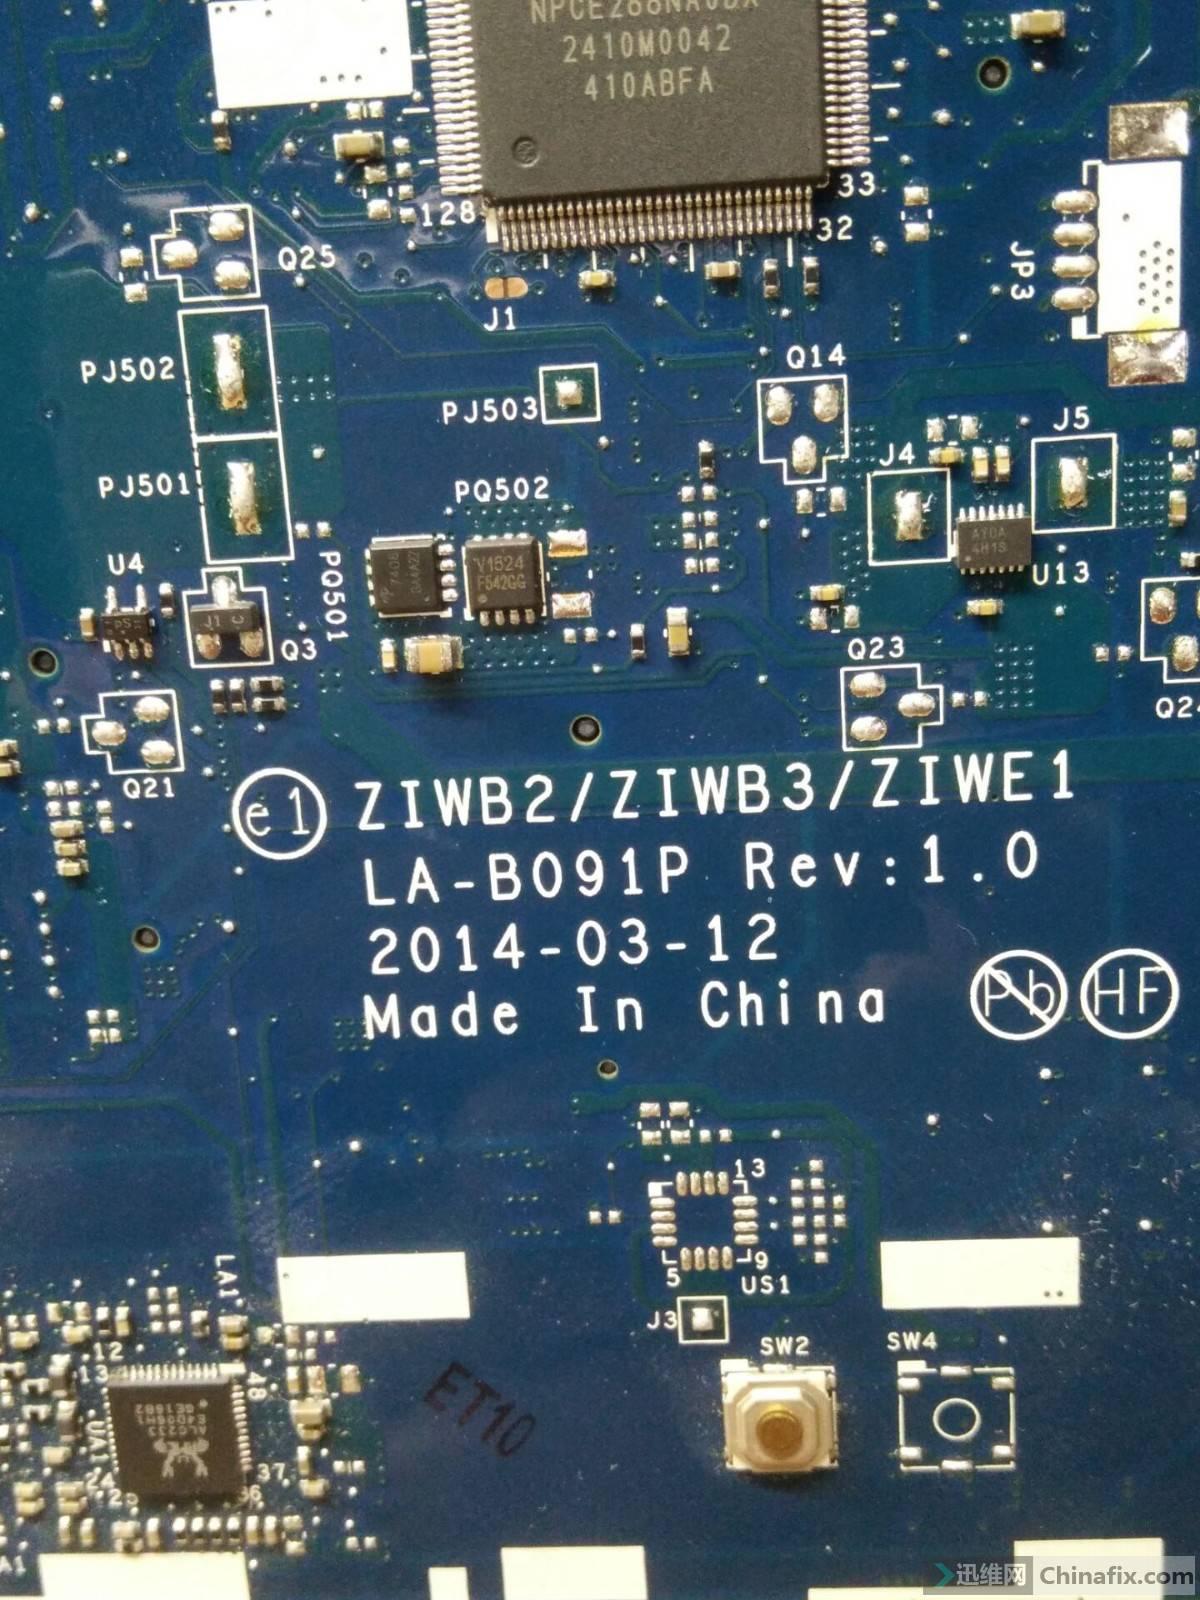 F2CB2B68772D44AE0206C1C203ABAEB8.jpg